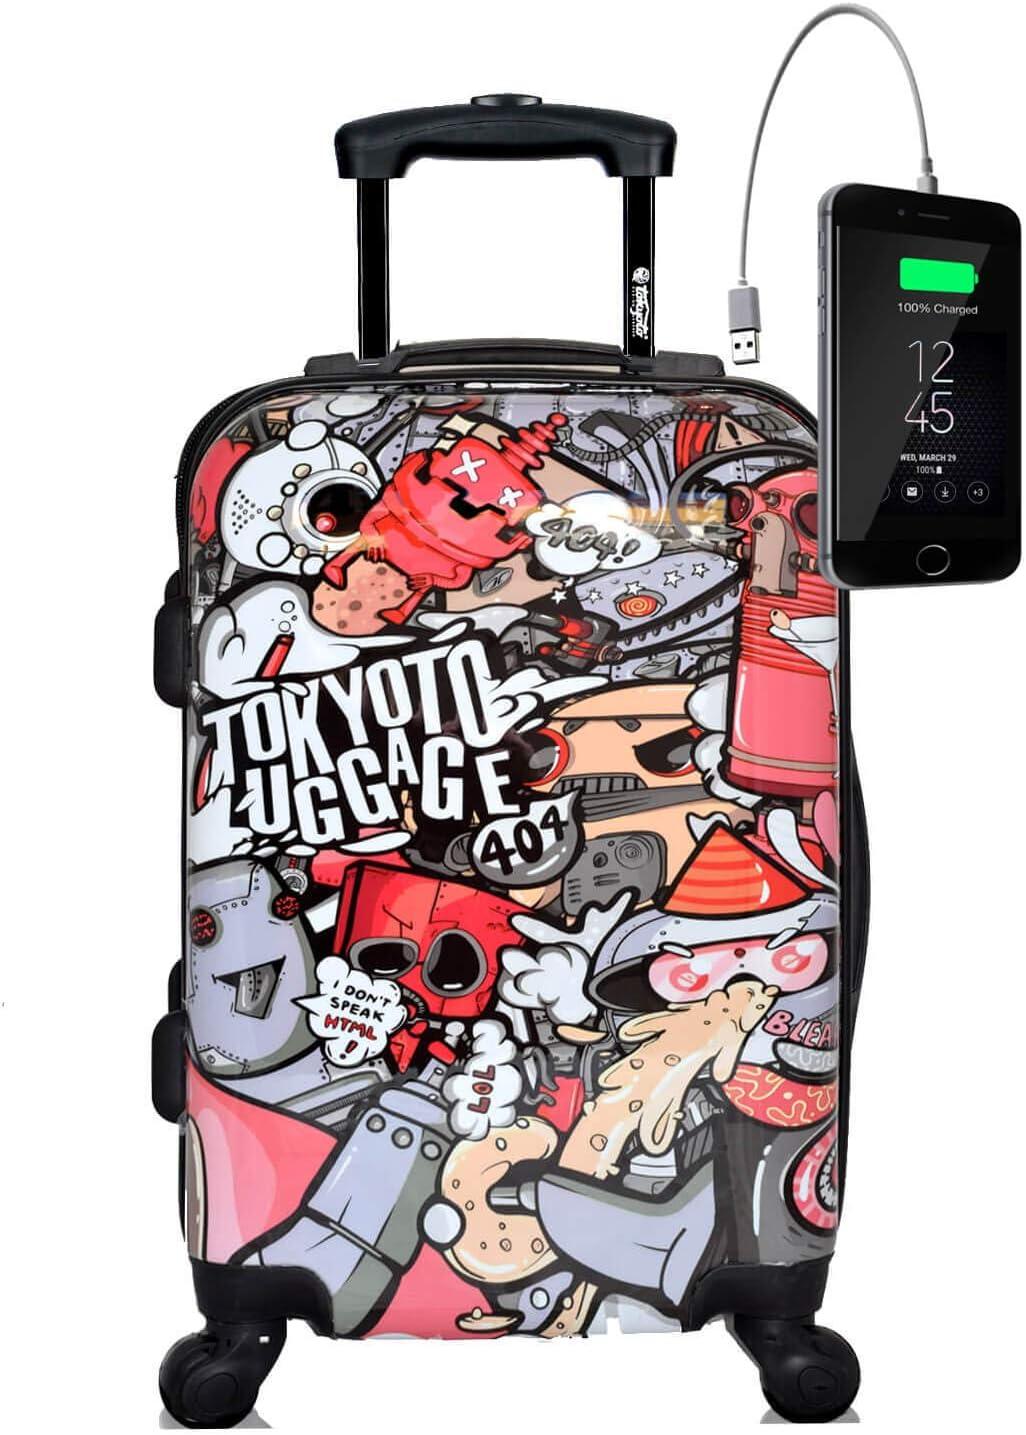 TOKYOTO - Maleta de Cabina Equipaje de Mano, Party Robots, 55x40x20 cm | Maleta Juvenil, Trolley de Viaje Ryanair, Easyjet | Maleta de Viaje Rígida Divertida Abstracta, Colores